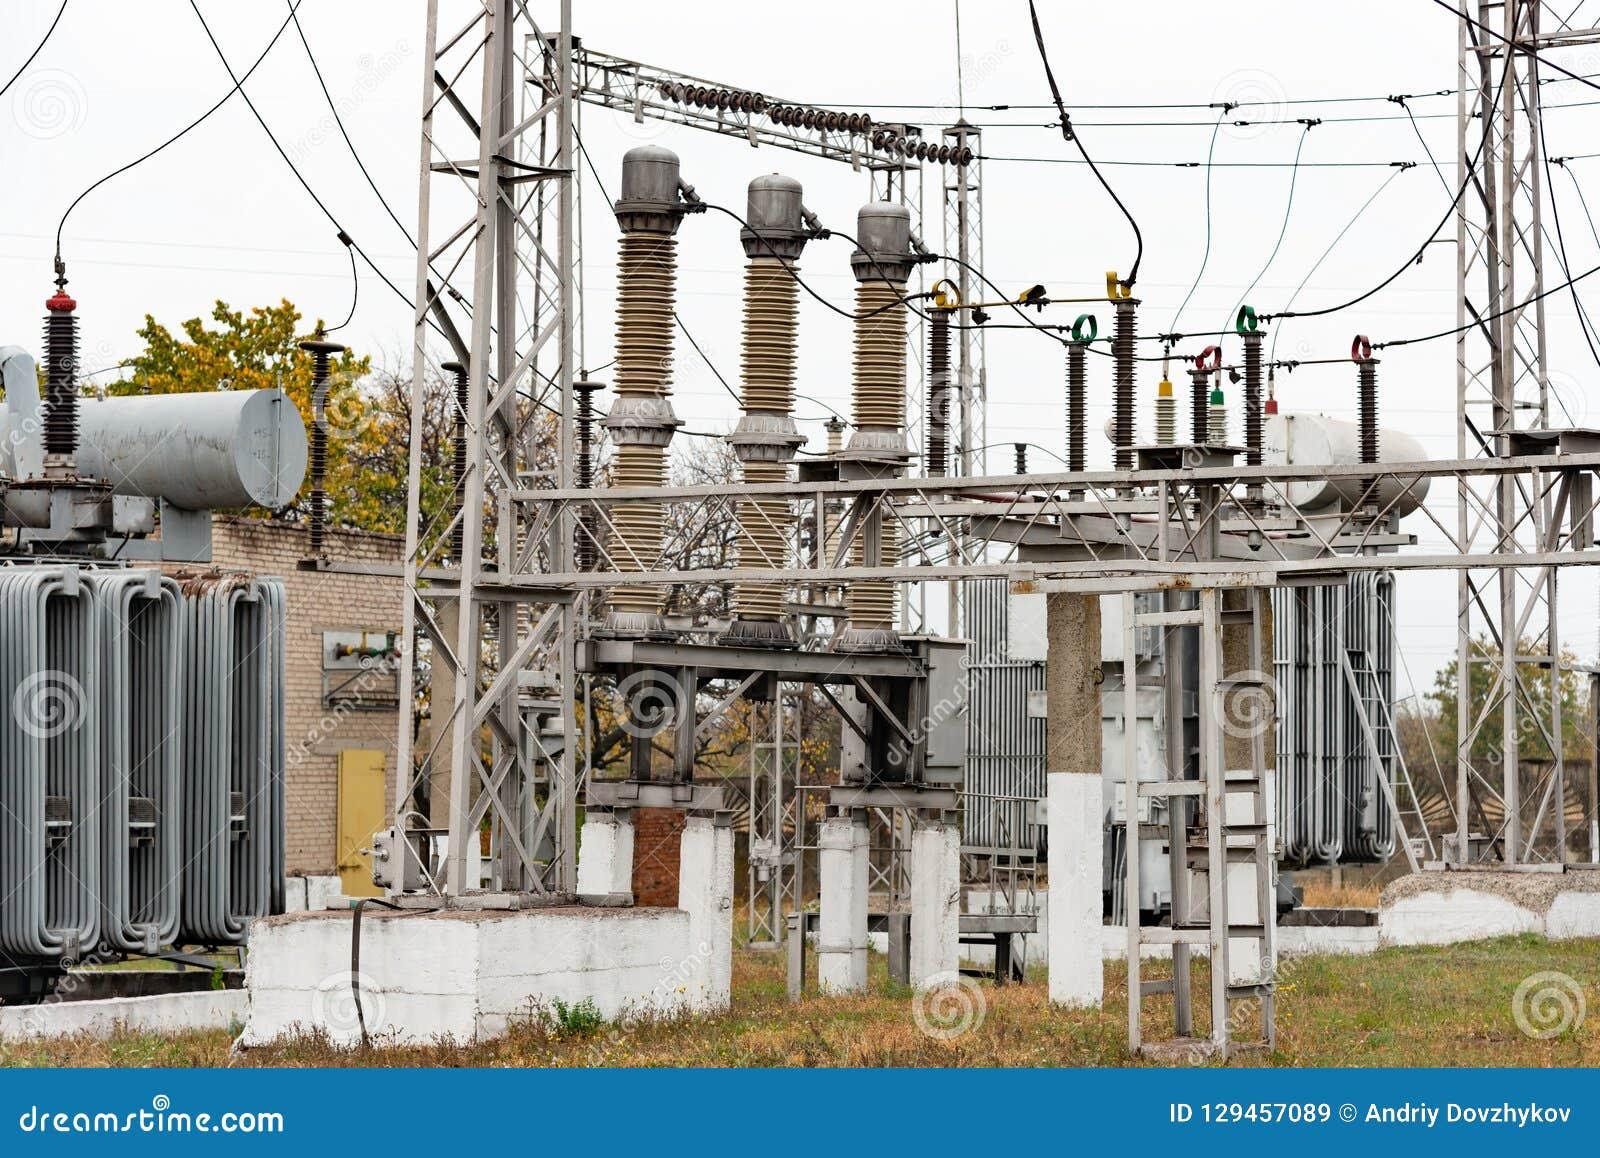 Подстанция трансформатора, высоковольтный switchgear и оборудование